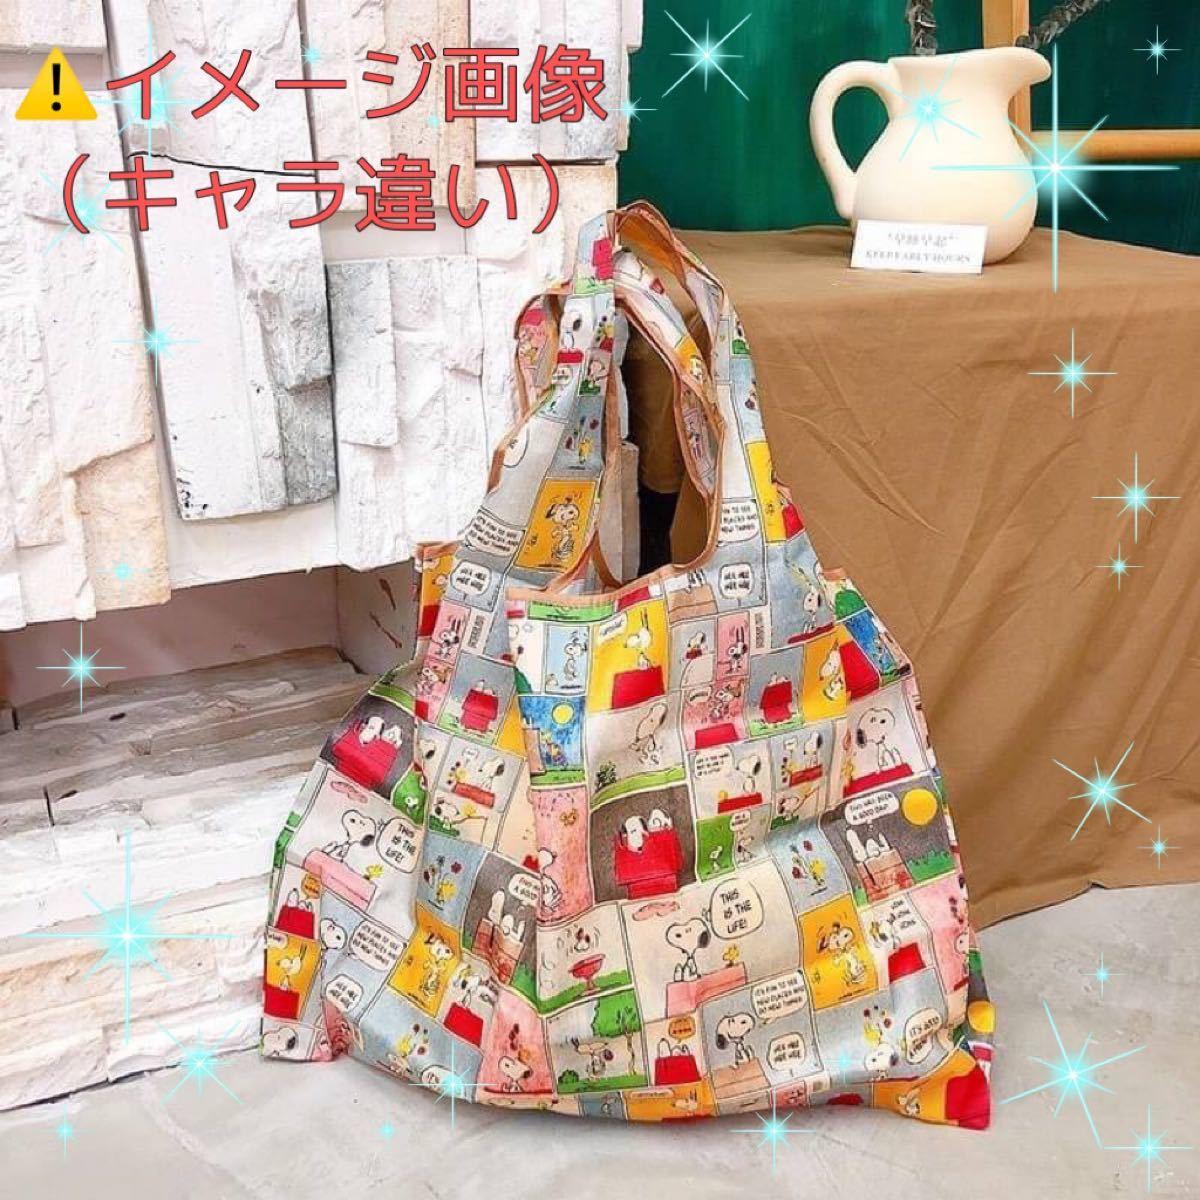 エコバッグ トートバッグ 買い物袋 セカンドバッグ 折り畳み    ディズニー ミッキー ミニー